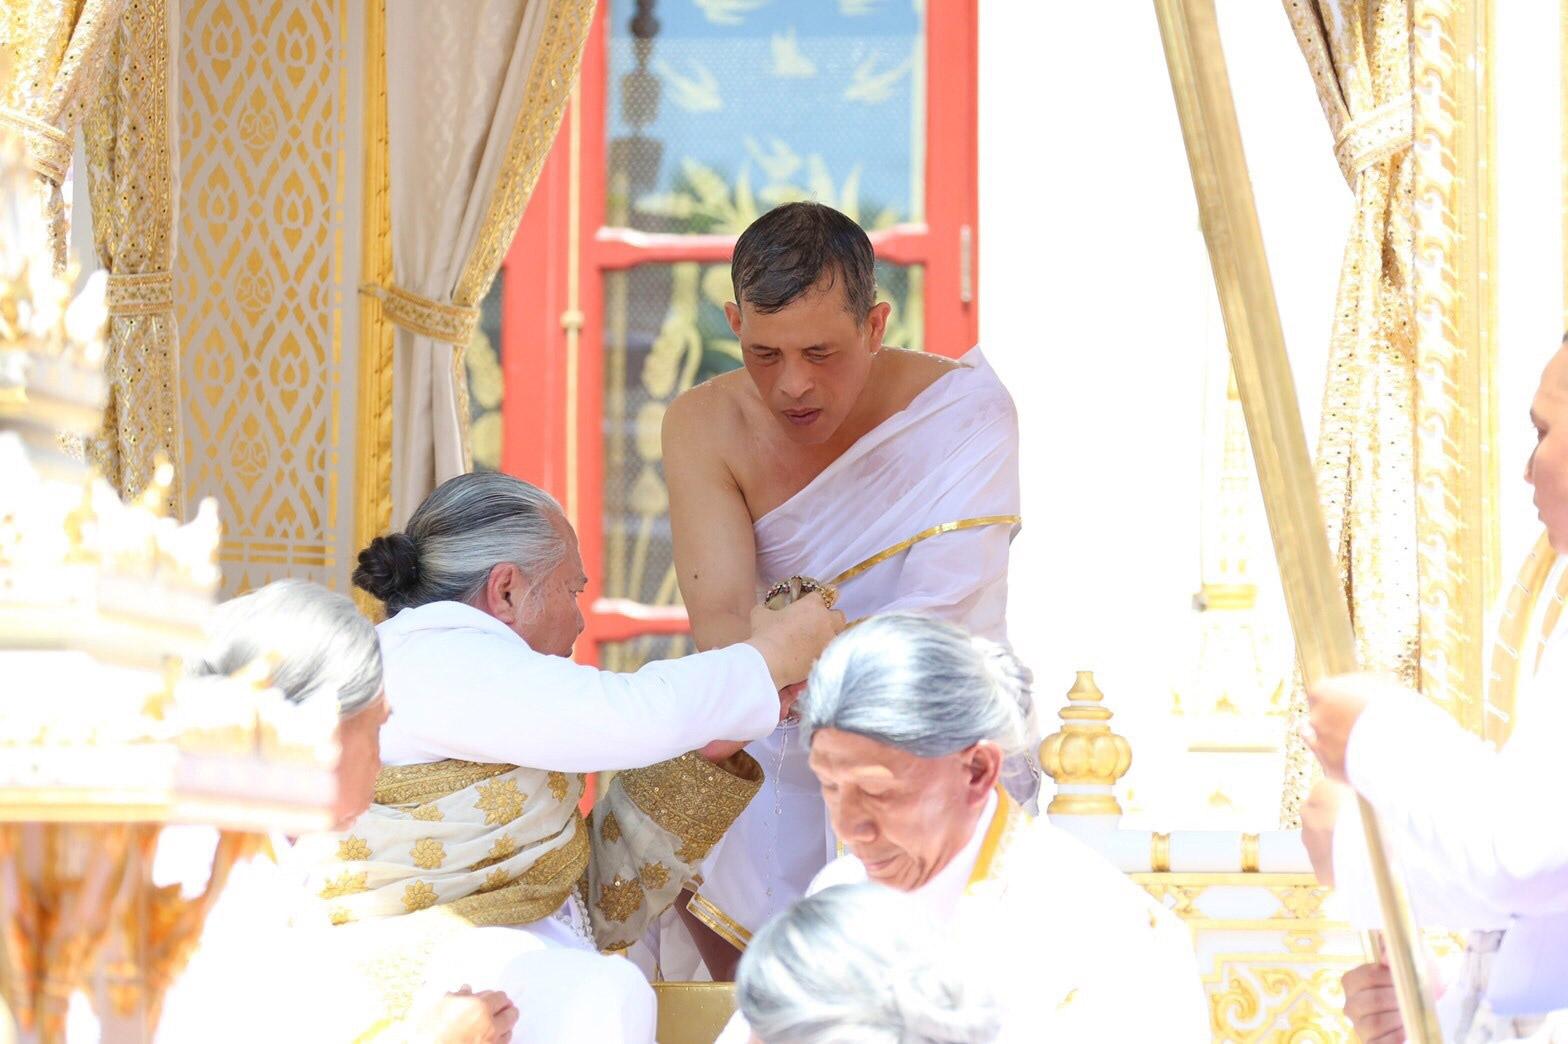 ประมวลภาพพระราชพิธีบรมราชาภิเษก วันพระฤกษ์บรมราชาภิเษก